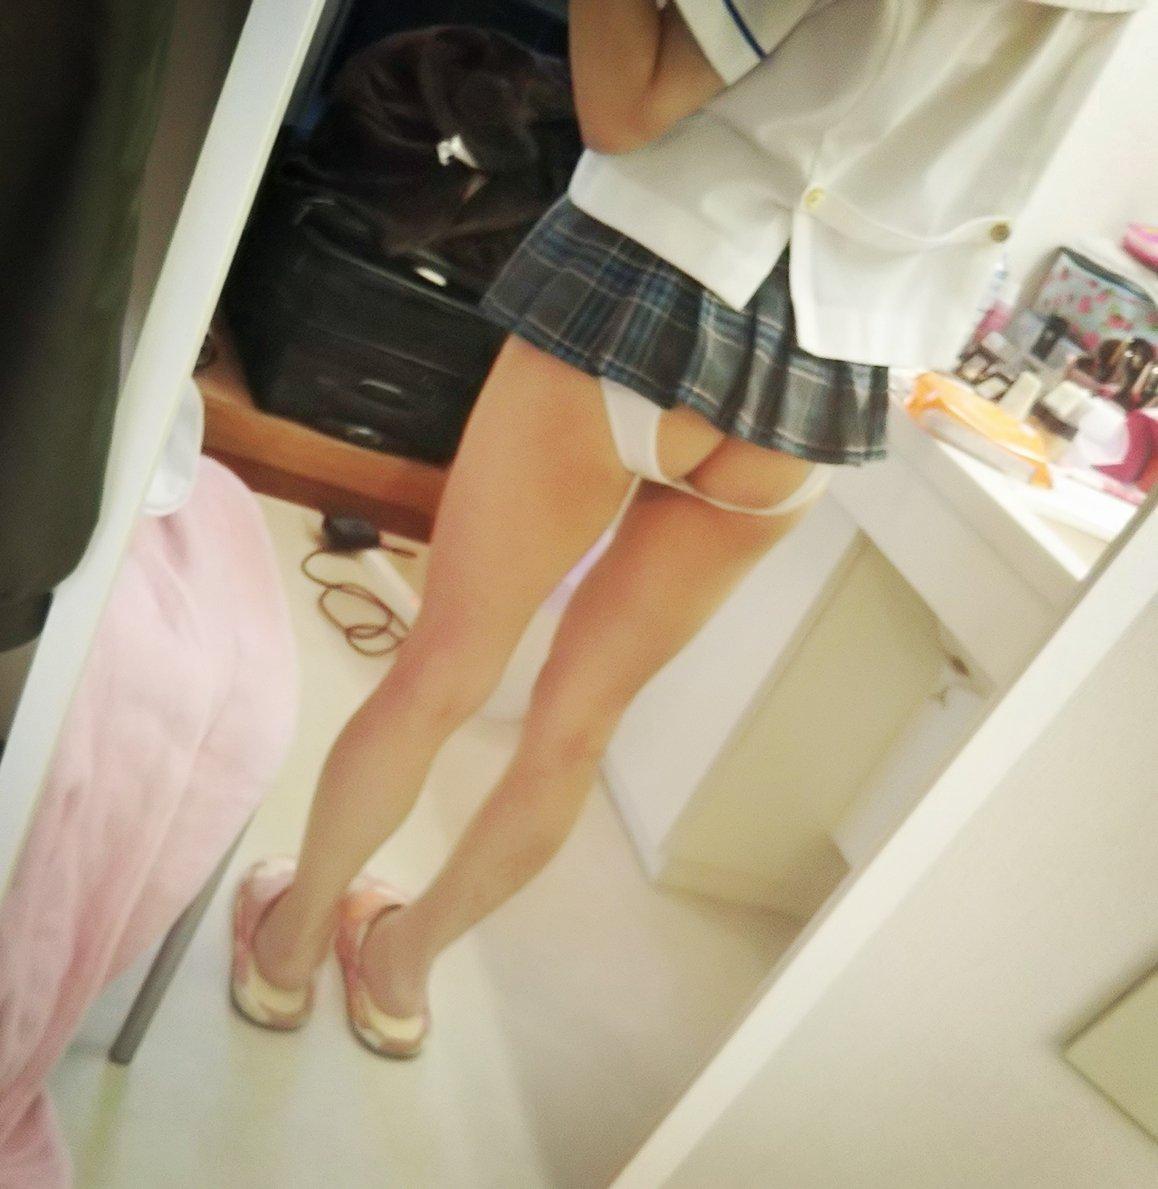 エッチなパンツを履いて自撮りする女子高生!!パシャッ!!! DrsmqCTUcAA9sEv